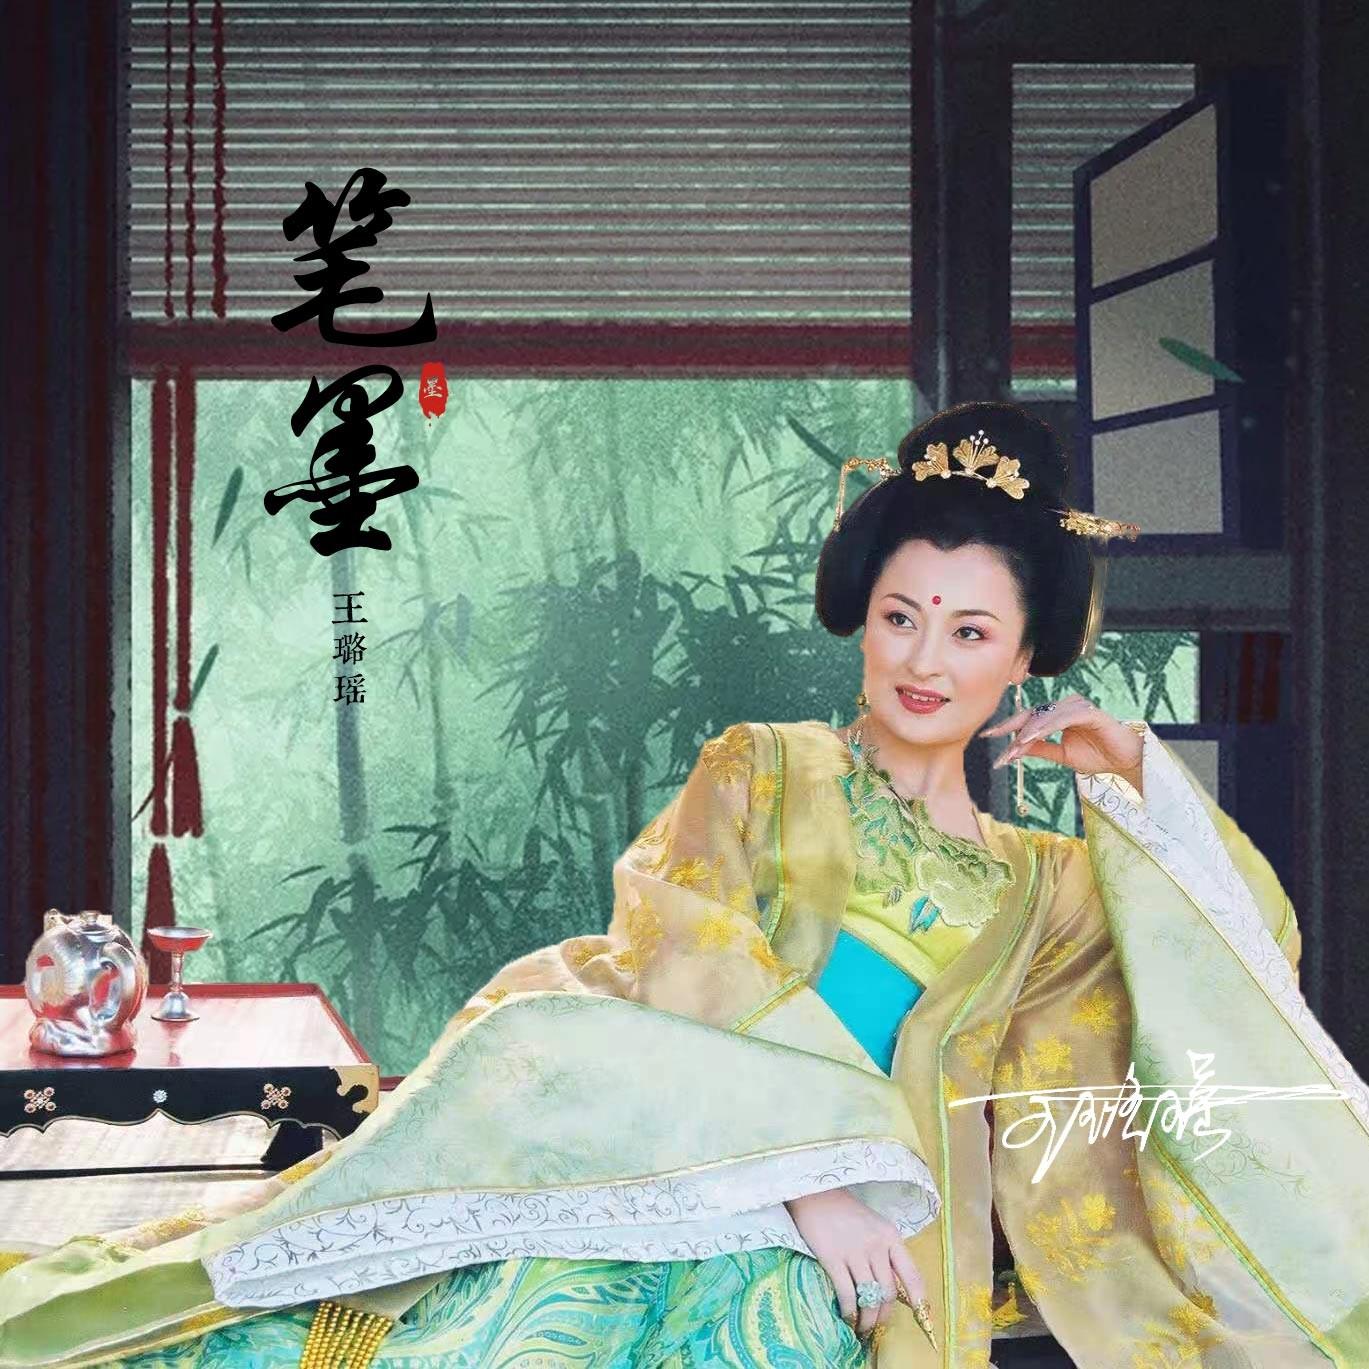 <b>中国著名演员王璐瑶新歌《笔墨》上线</b>